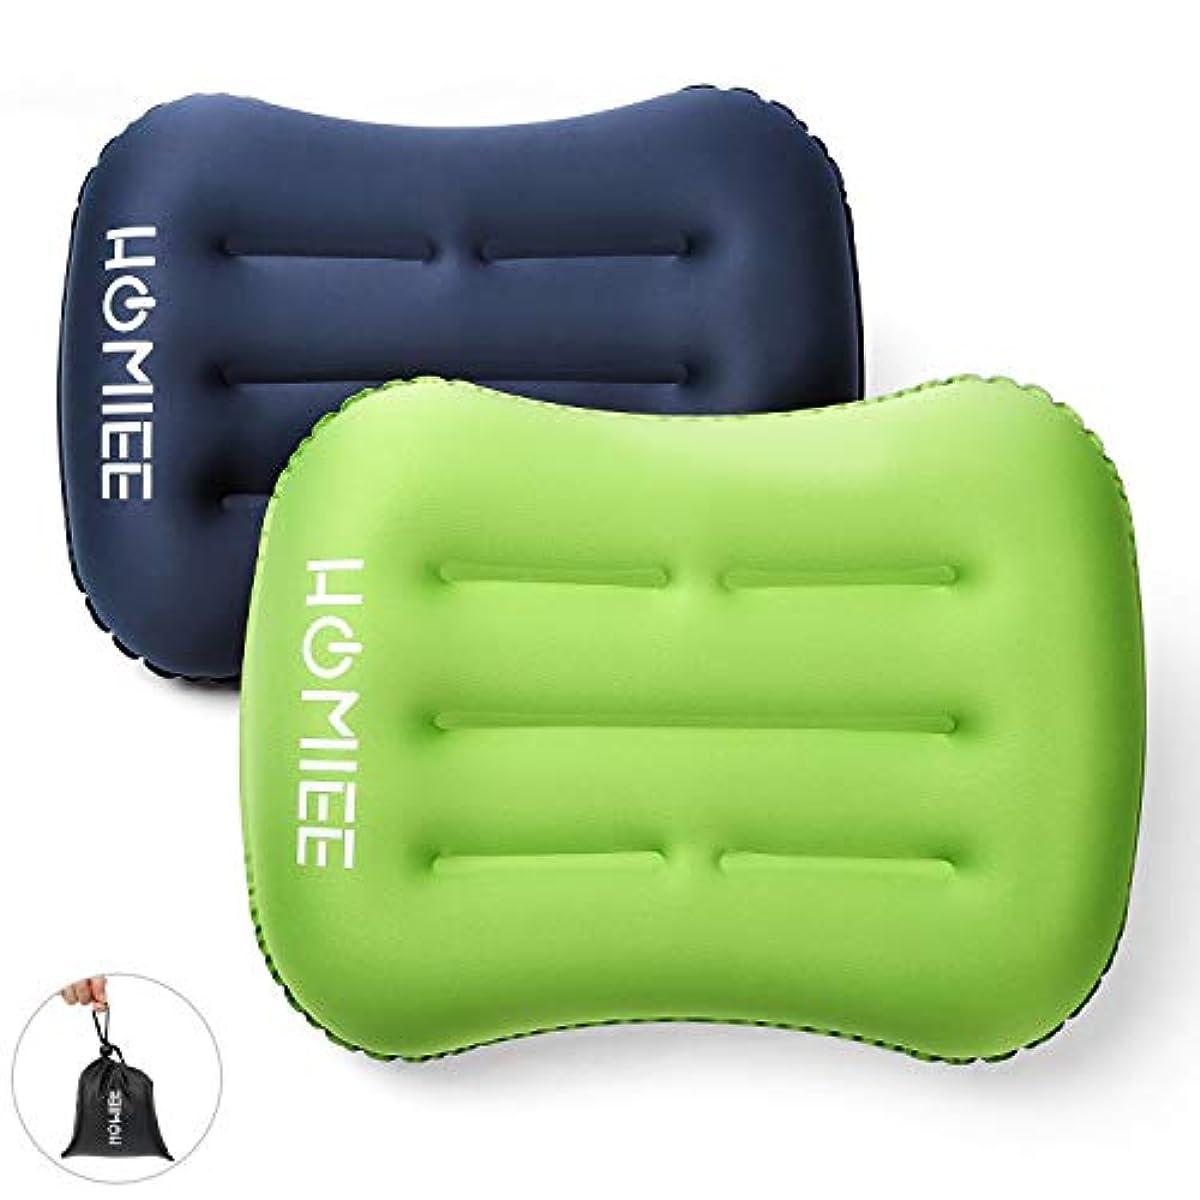 [해외] 에어 pillow HOMIEE 공기침 캠프침 트래블 pillow 마이 pillow 수동 프레스식 휴대침 여행용 수납 봉투 첨부 경량 콤팩트 아웃도어 차 안박 캠프 오피스용